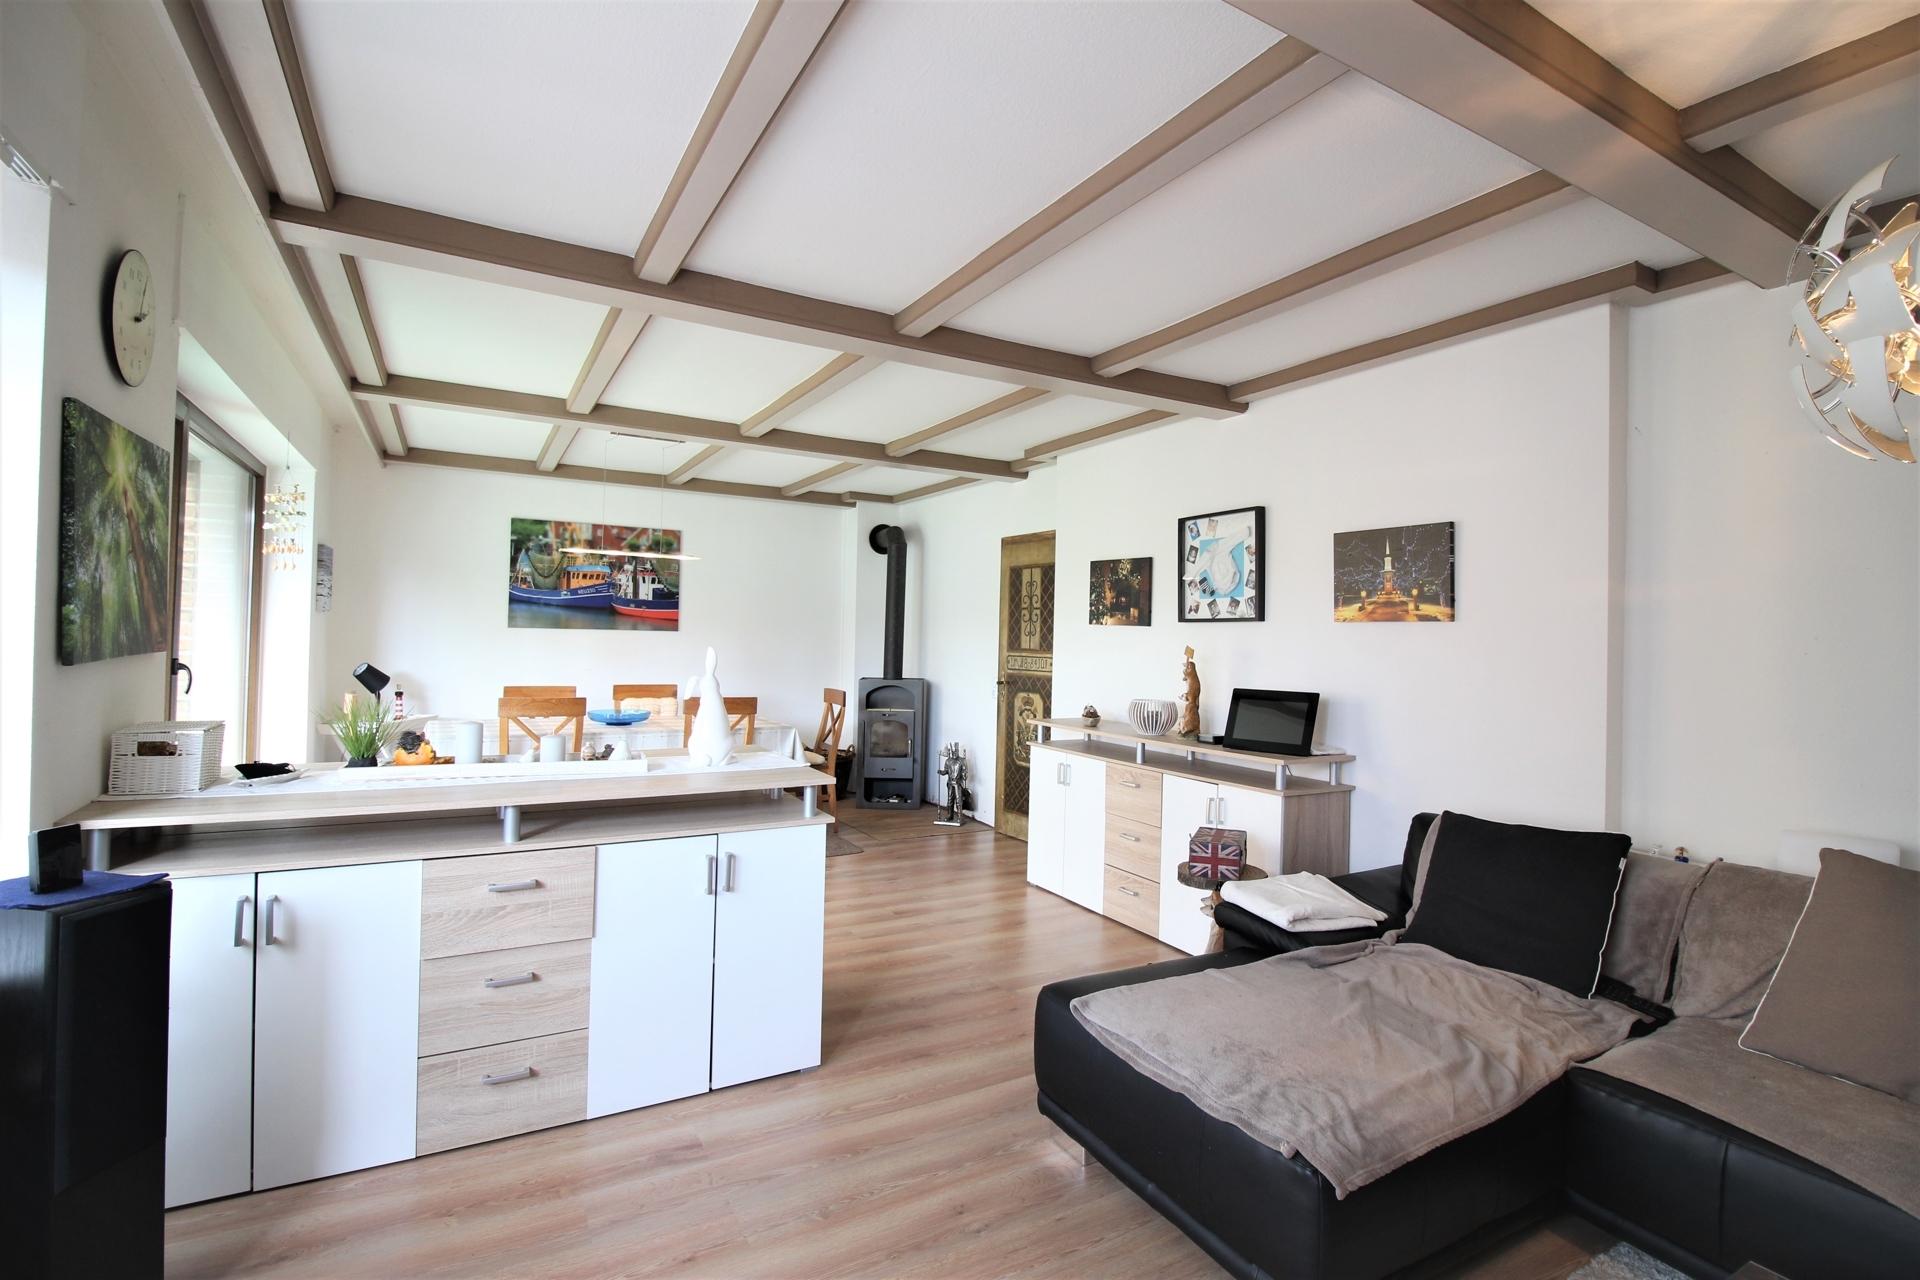 Wohnzimmer 4,14 m x 8,6 m